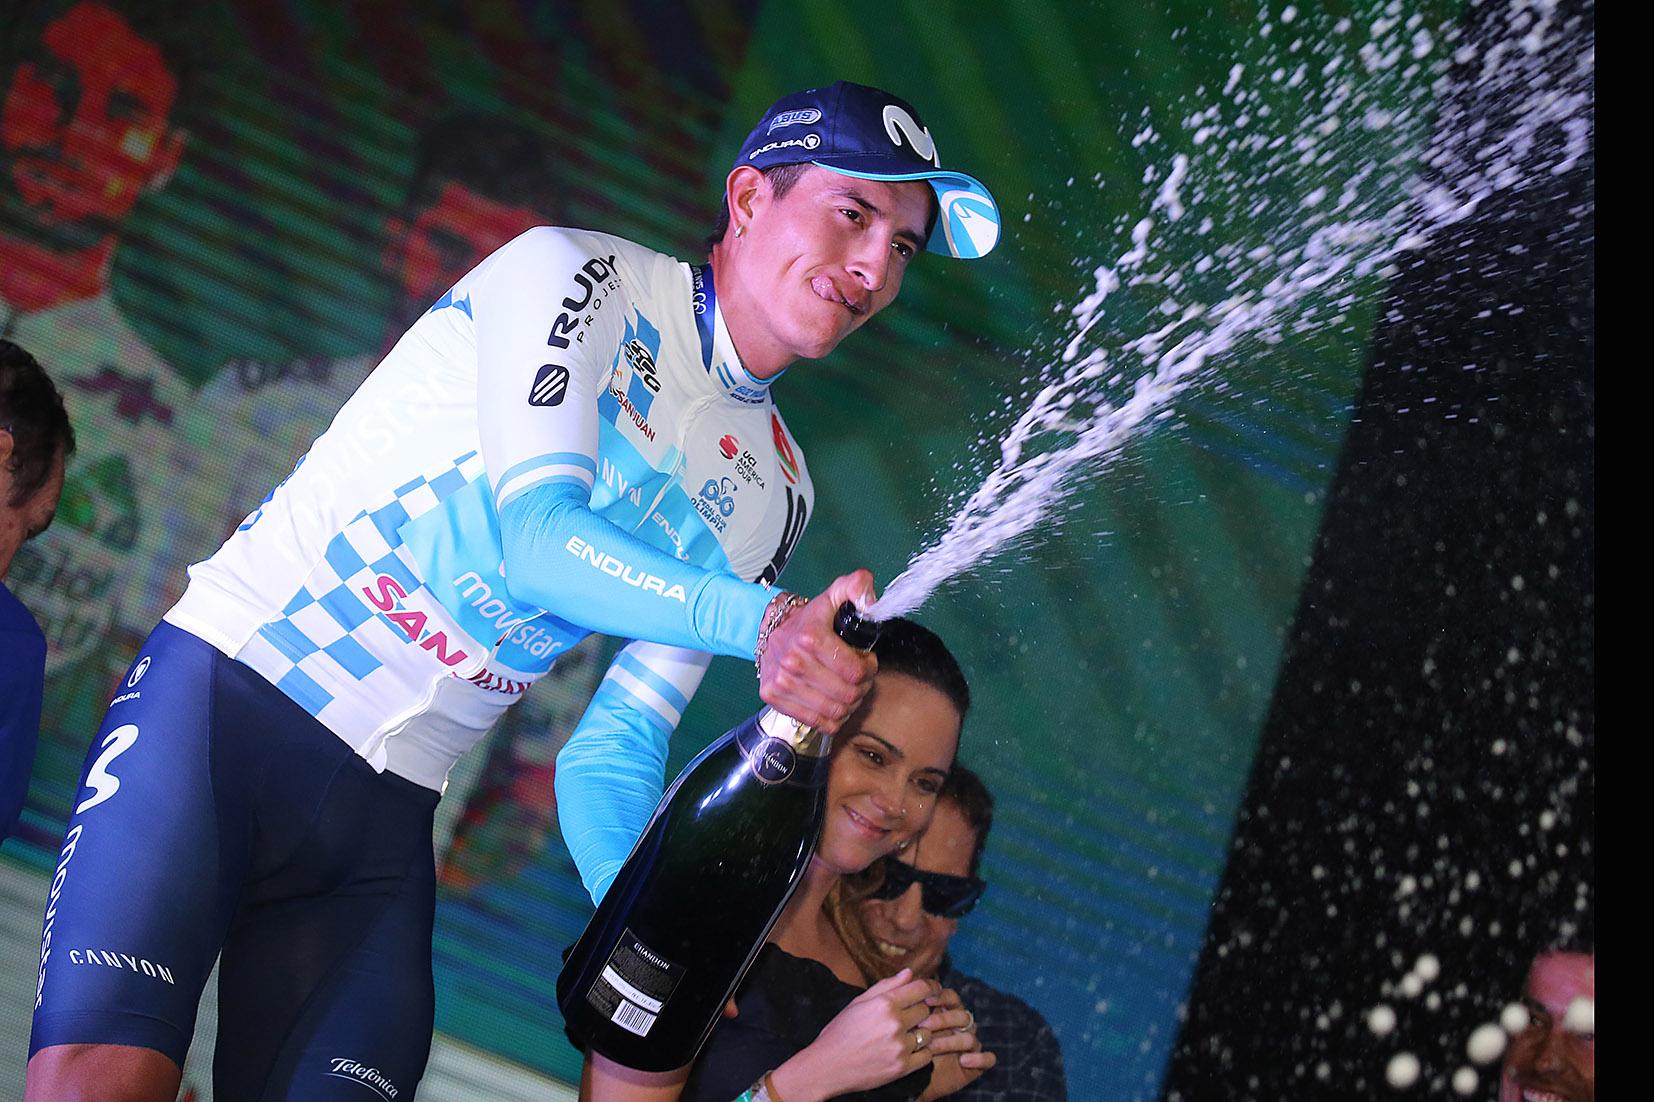 Winner Anacona leader della Vuelta a San Juan